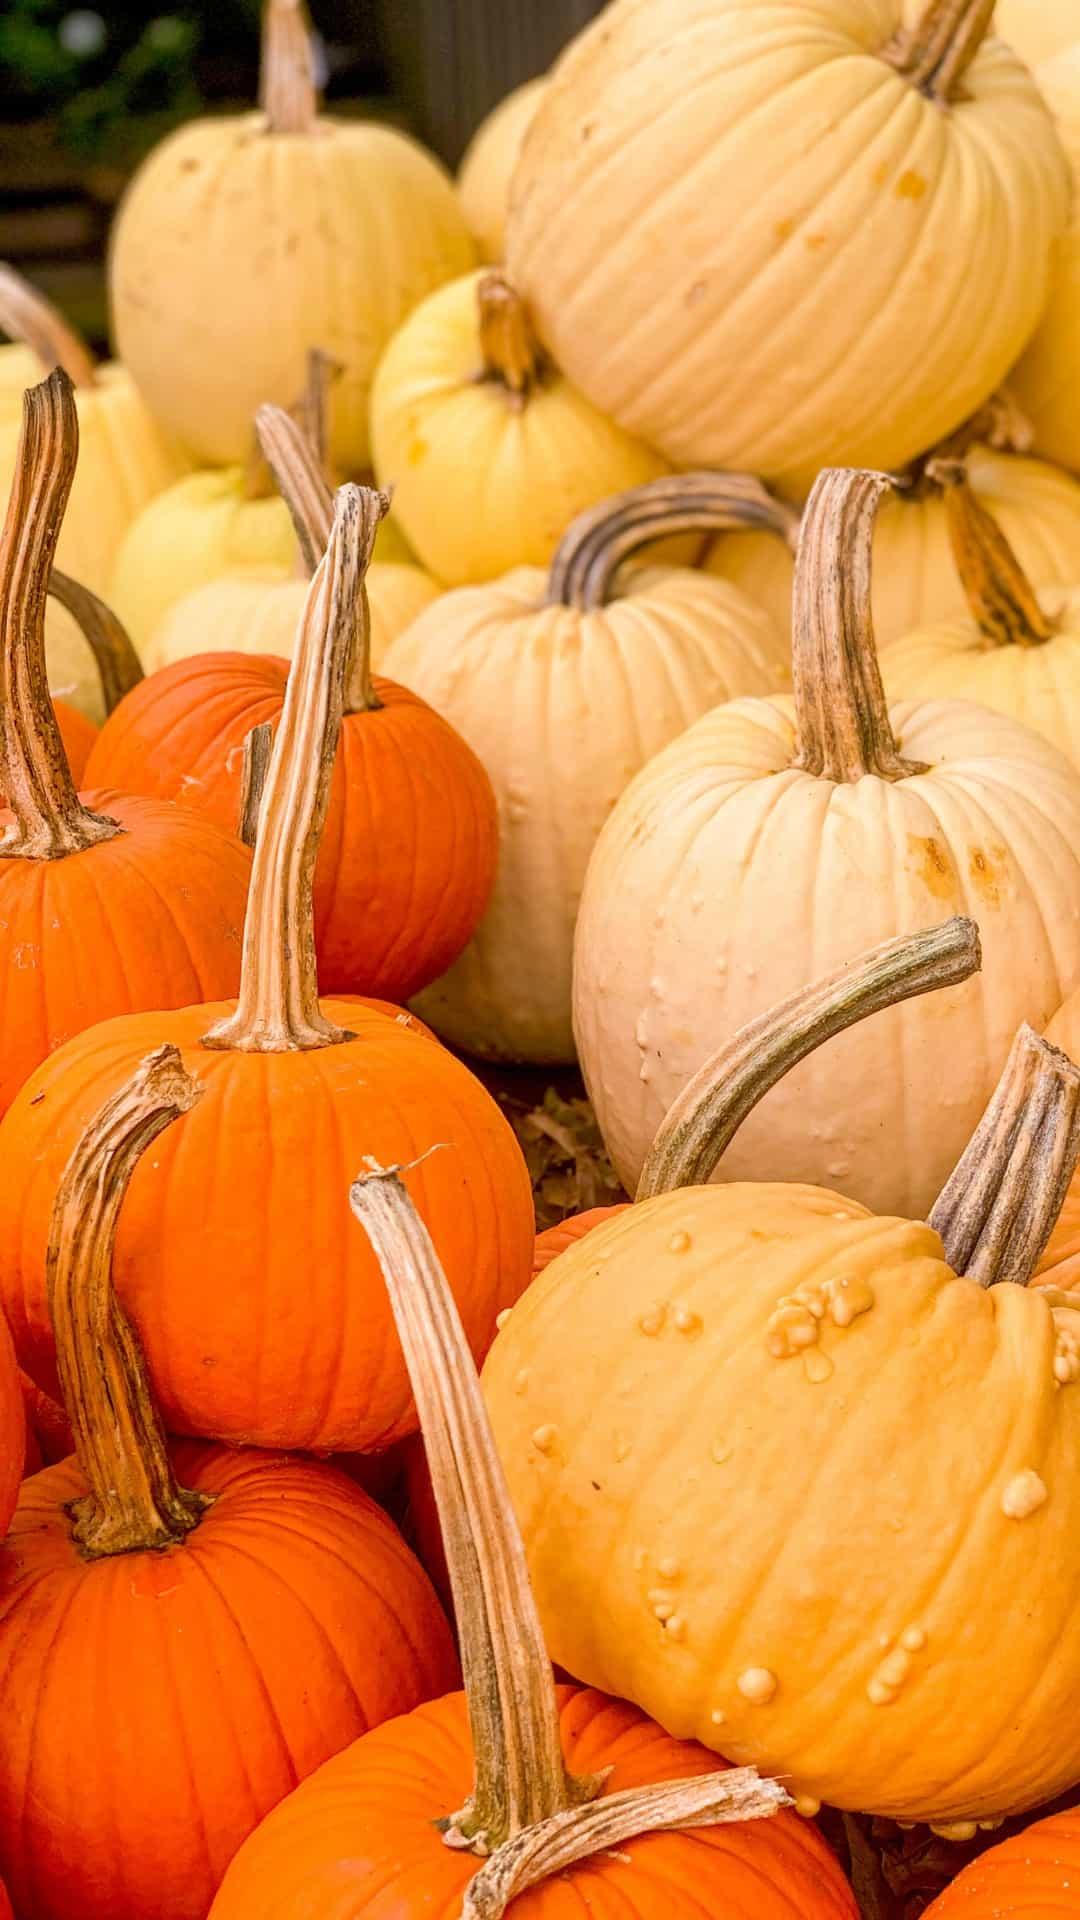 Autumn Wallpaper iPhone Aesthetic Pumpkin Patch